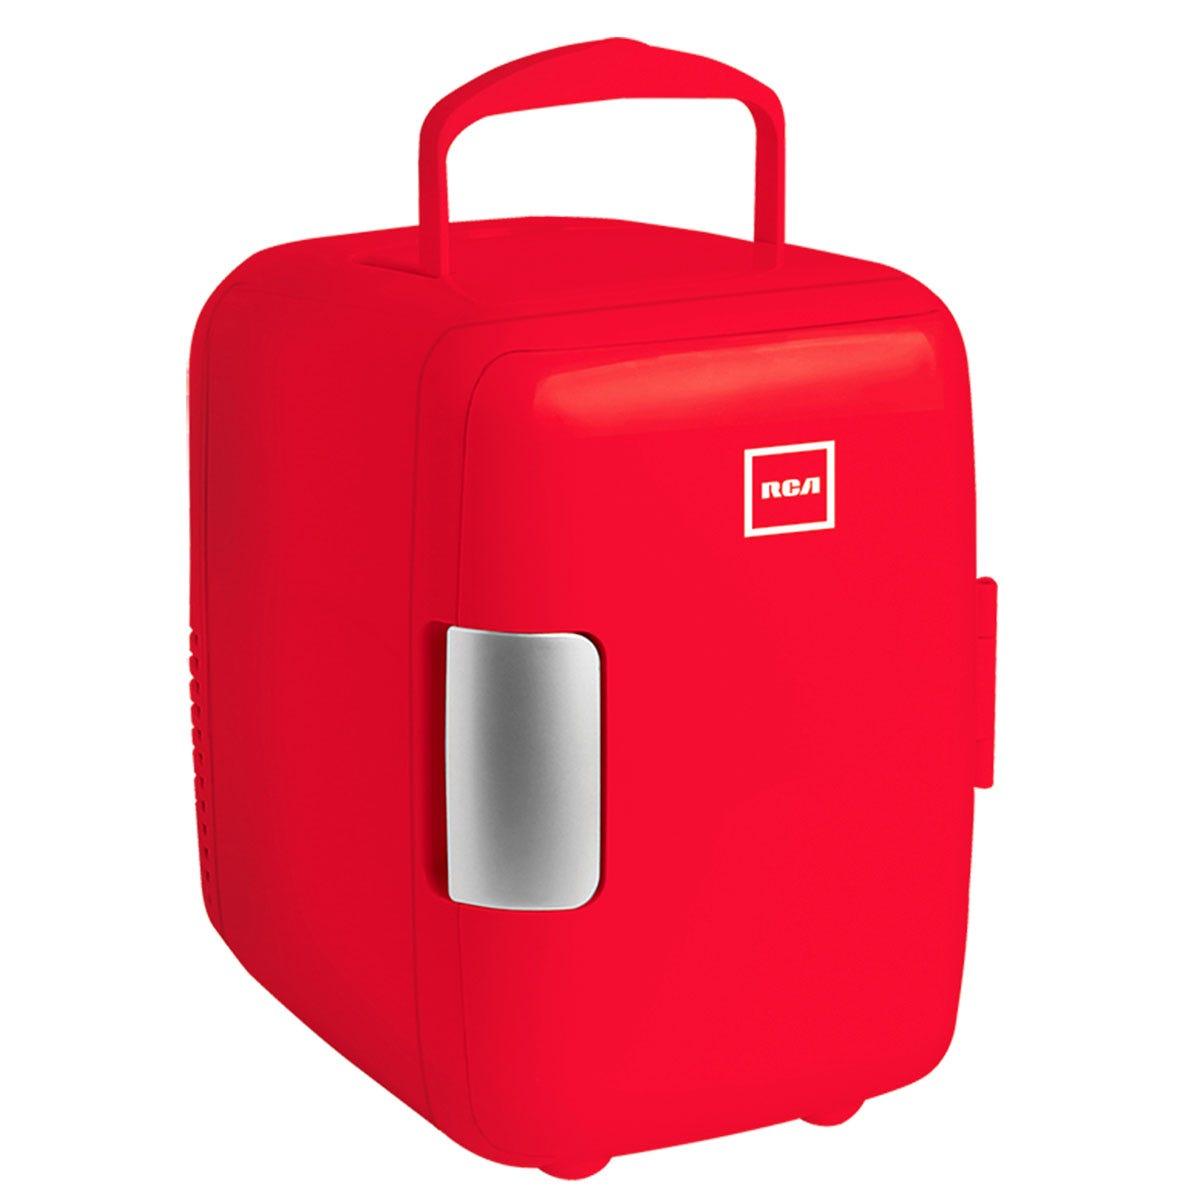 Mini refrigerador RCA en rojo